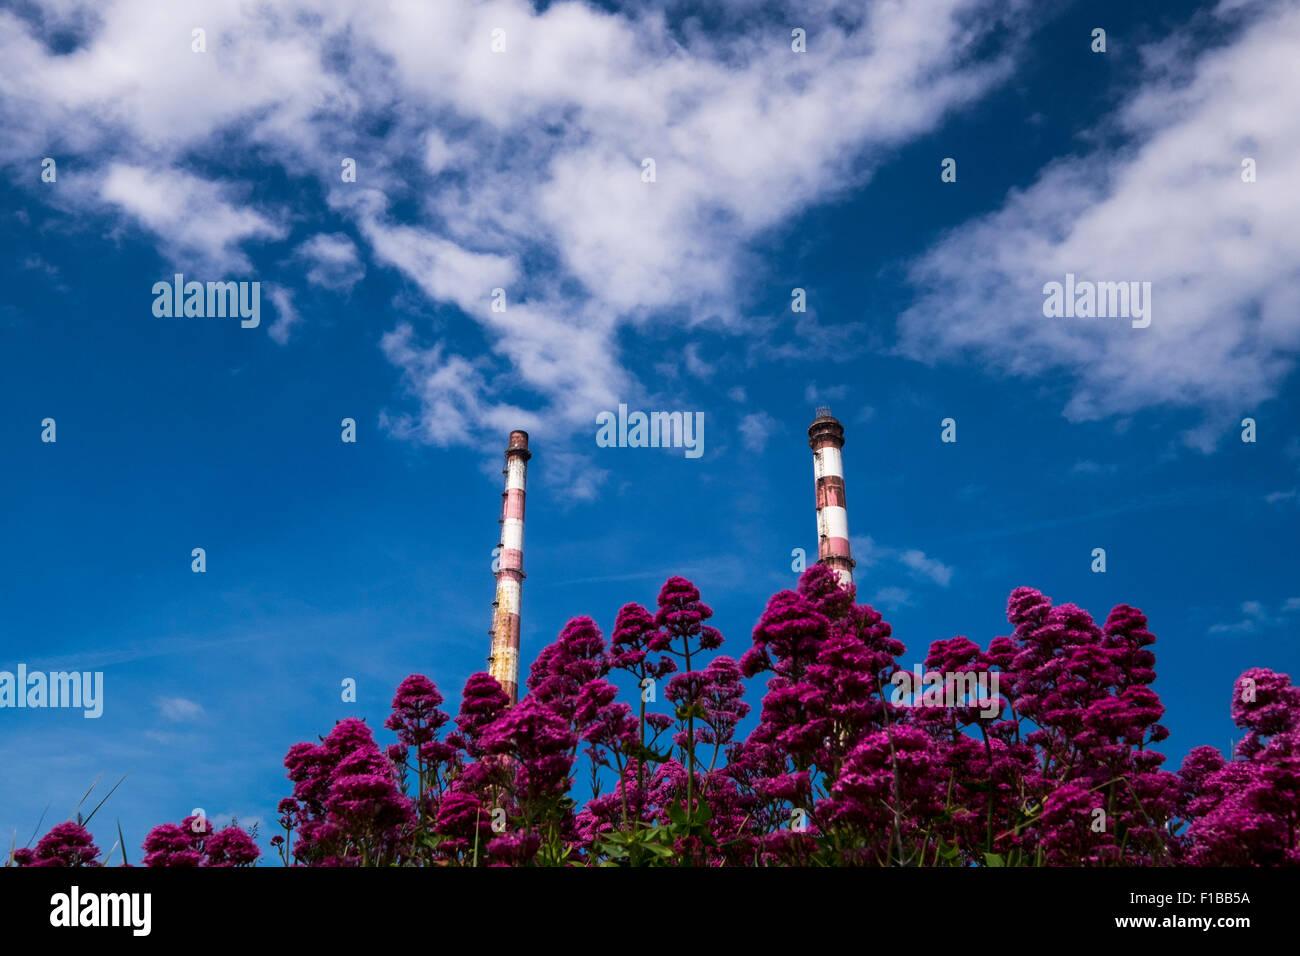 Las dos chimeneas de la estación generadora de electricidad Poolbeg Dublins la pared norte, Dublín, Irlanda. Foto de stock